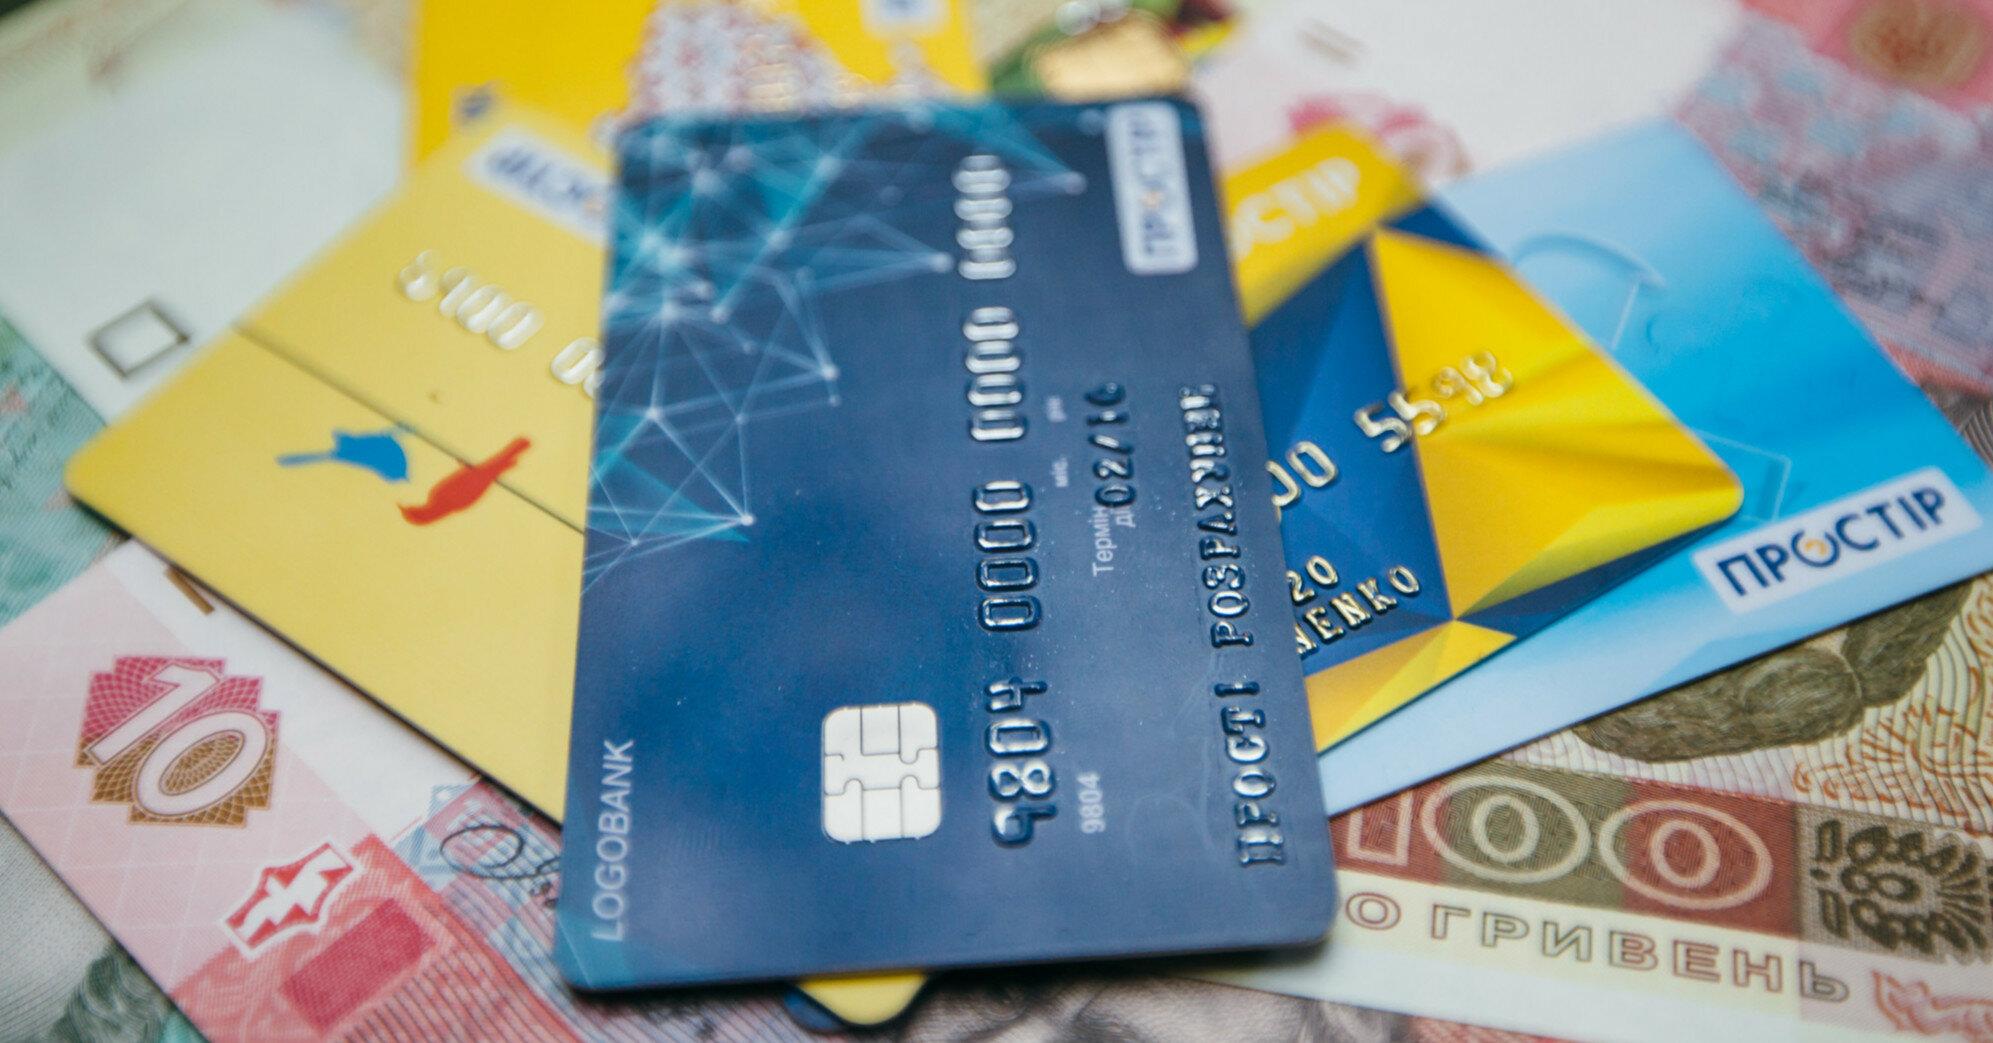 Кредиторы в обход суда арестовывают имущество и счета должников